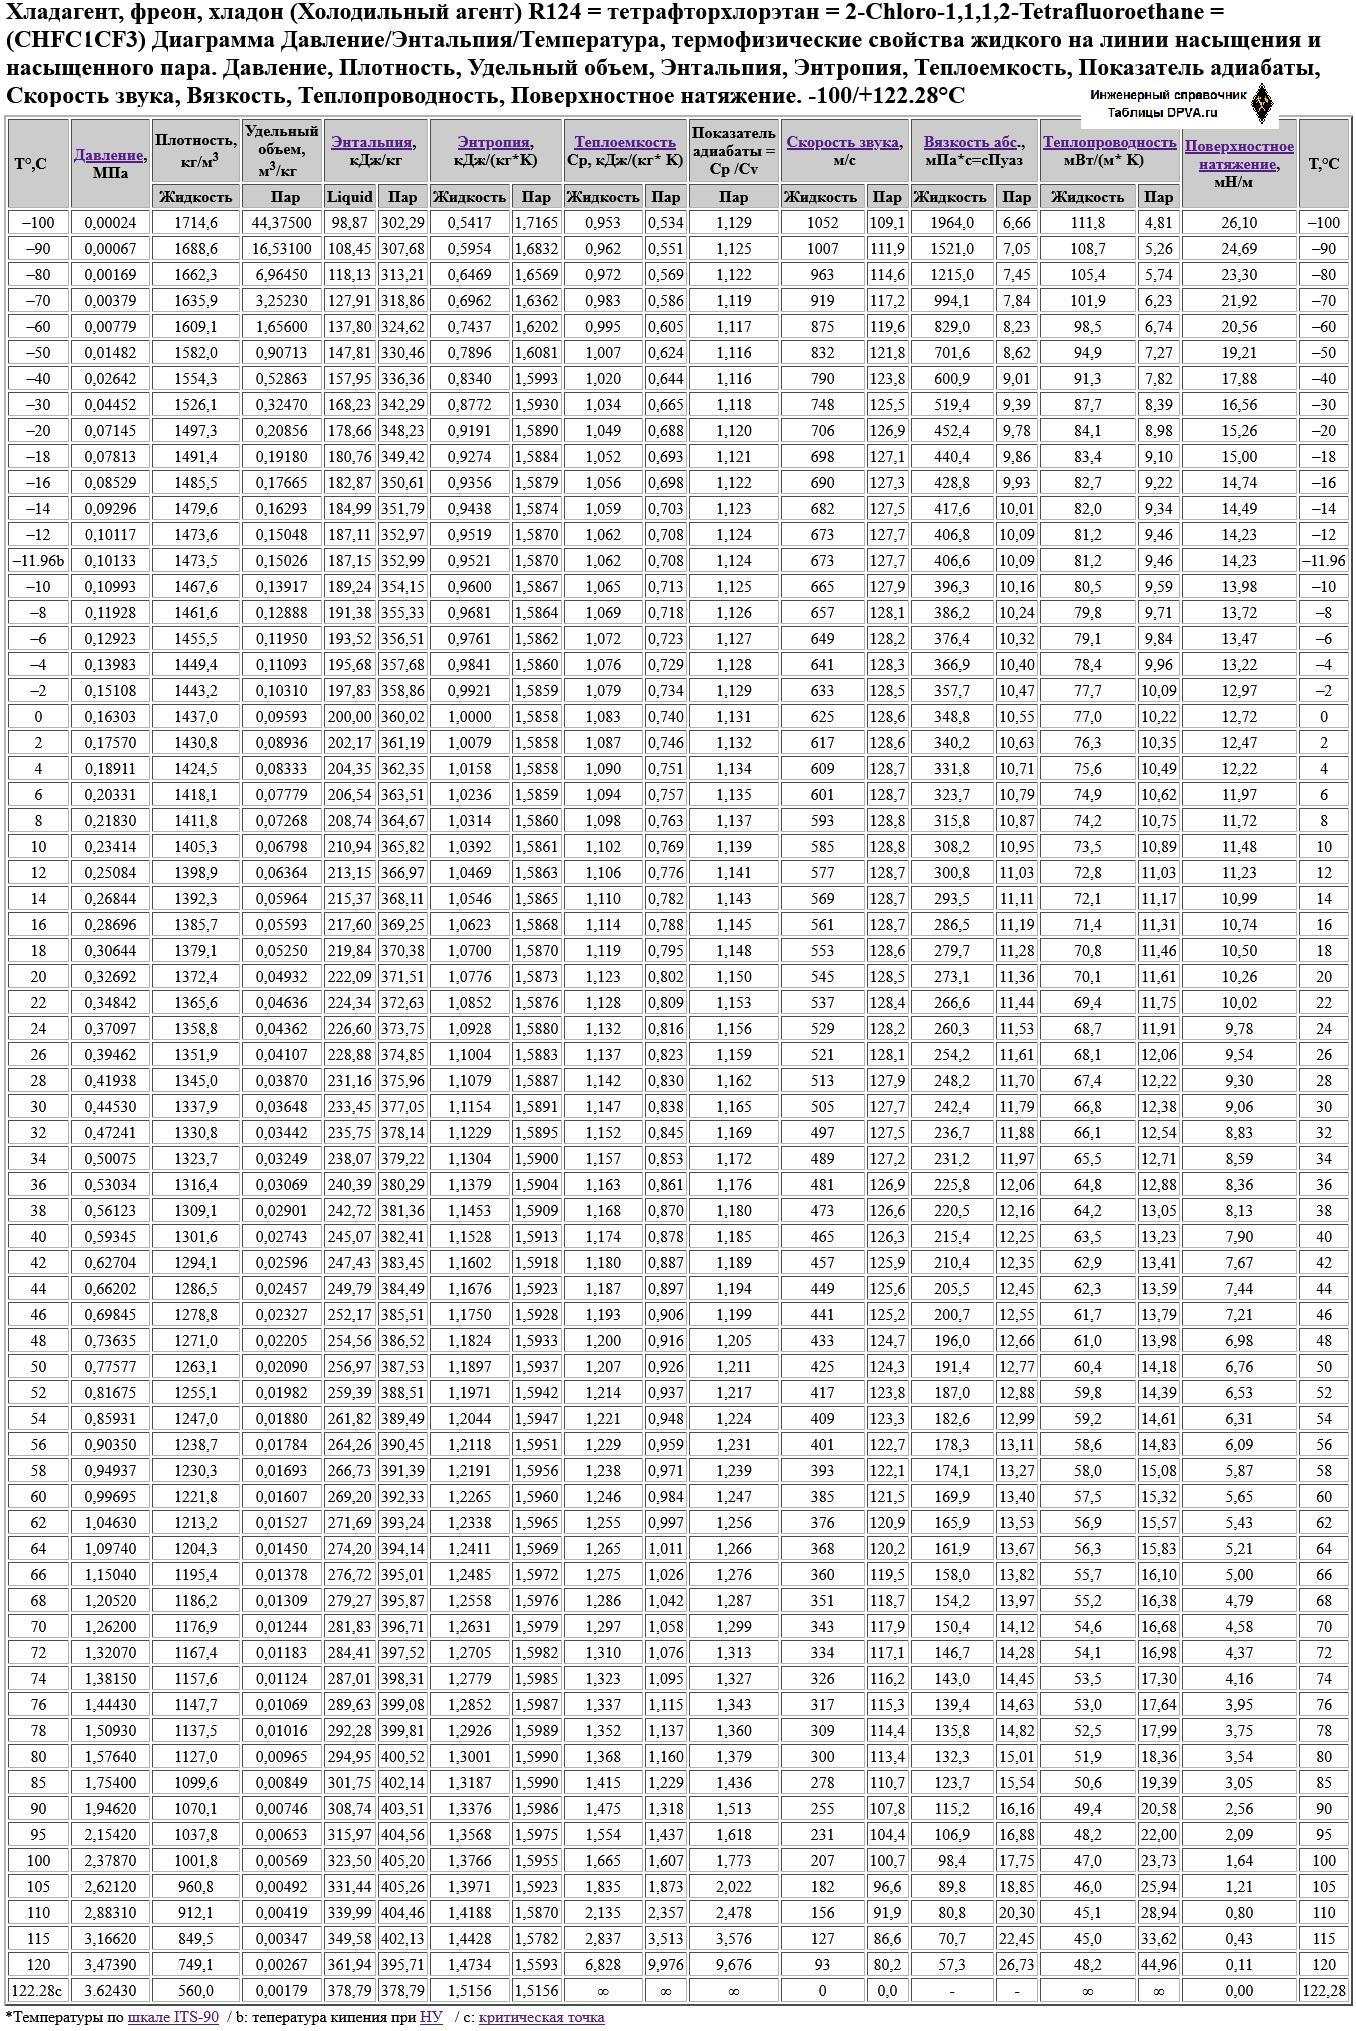 Хладагент, фреон, хладон (Холодильный агент) R124 = тетрафторхлорэтан = 2-Chloro-1,1,1,2-Tetrafluoroethane = (CHFClCF3) Диаграмма Давление/Энтальпия/Температура, термофизические свойства жидкого на линии насыщения и насыщенного пара. Давление,Плотность, Удельный объем, Энтальпия,Энтропия, Теплоемкость, Показатель адиабаты, Скорость звука, Вязкость, Теплопроводность, Поверхностное натяжение. -100/+122.28°C